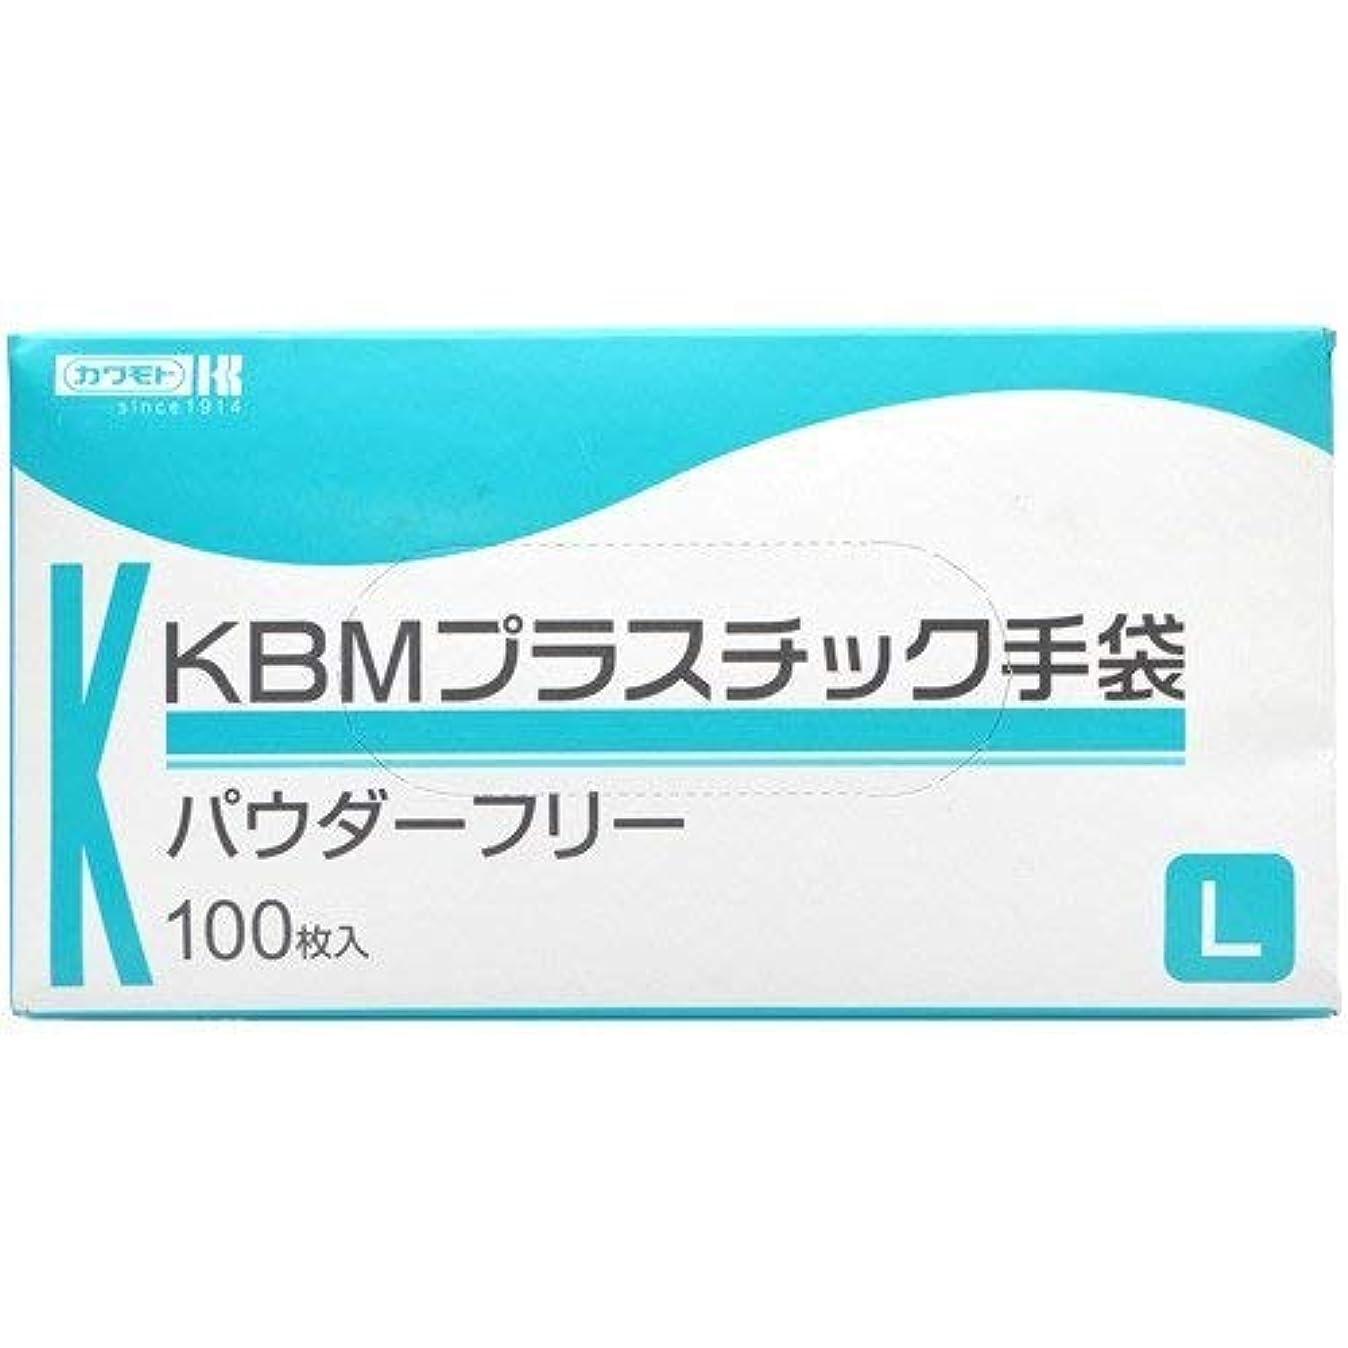 川本産業 KBMプラスチック手袋 パウダーフリー L 100枚入 ×2個